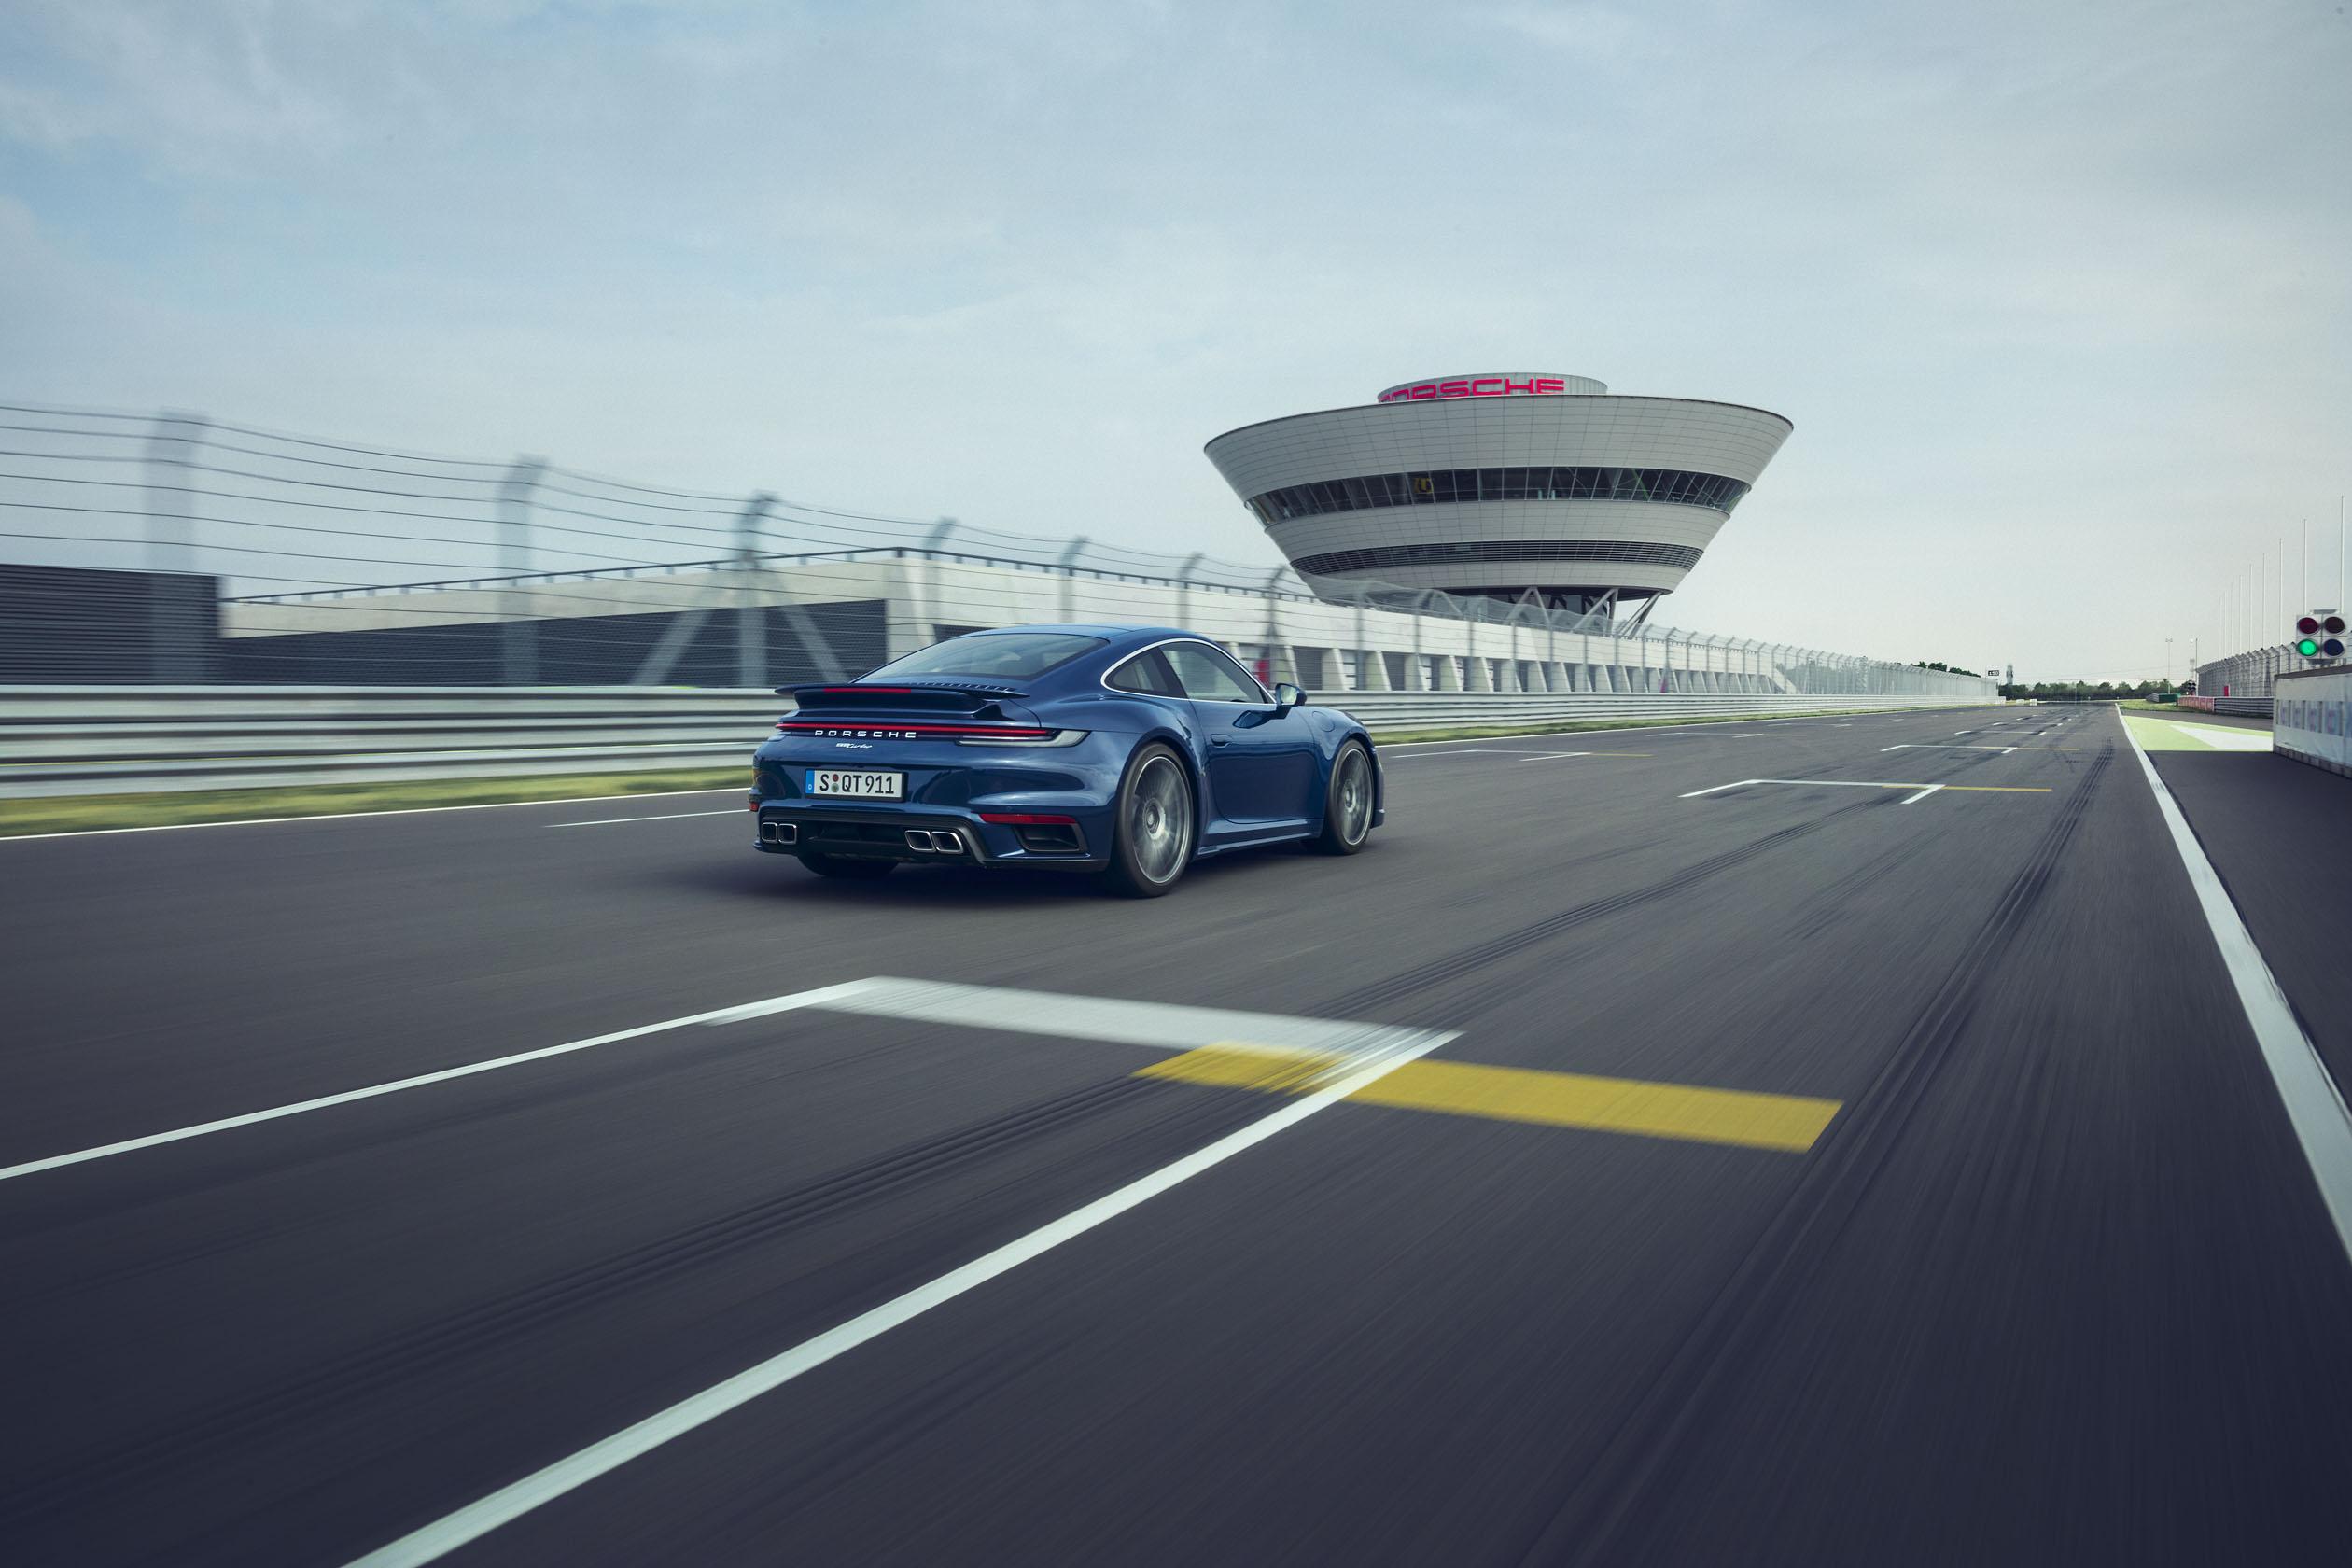 2021 Porsche 911 Turbo Specs